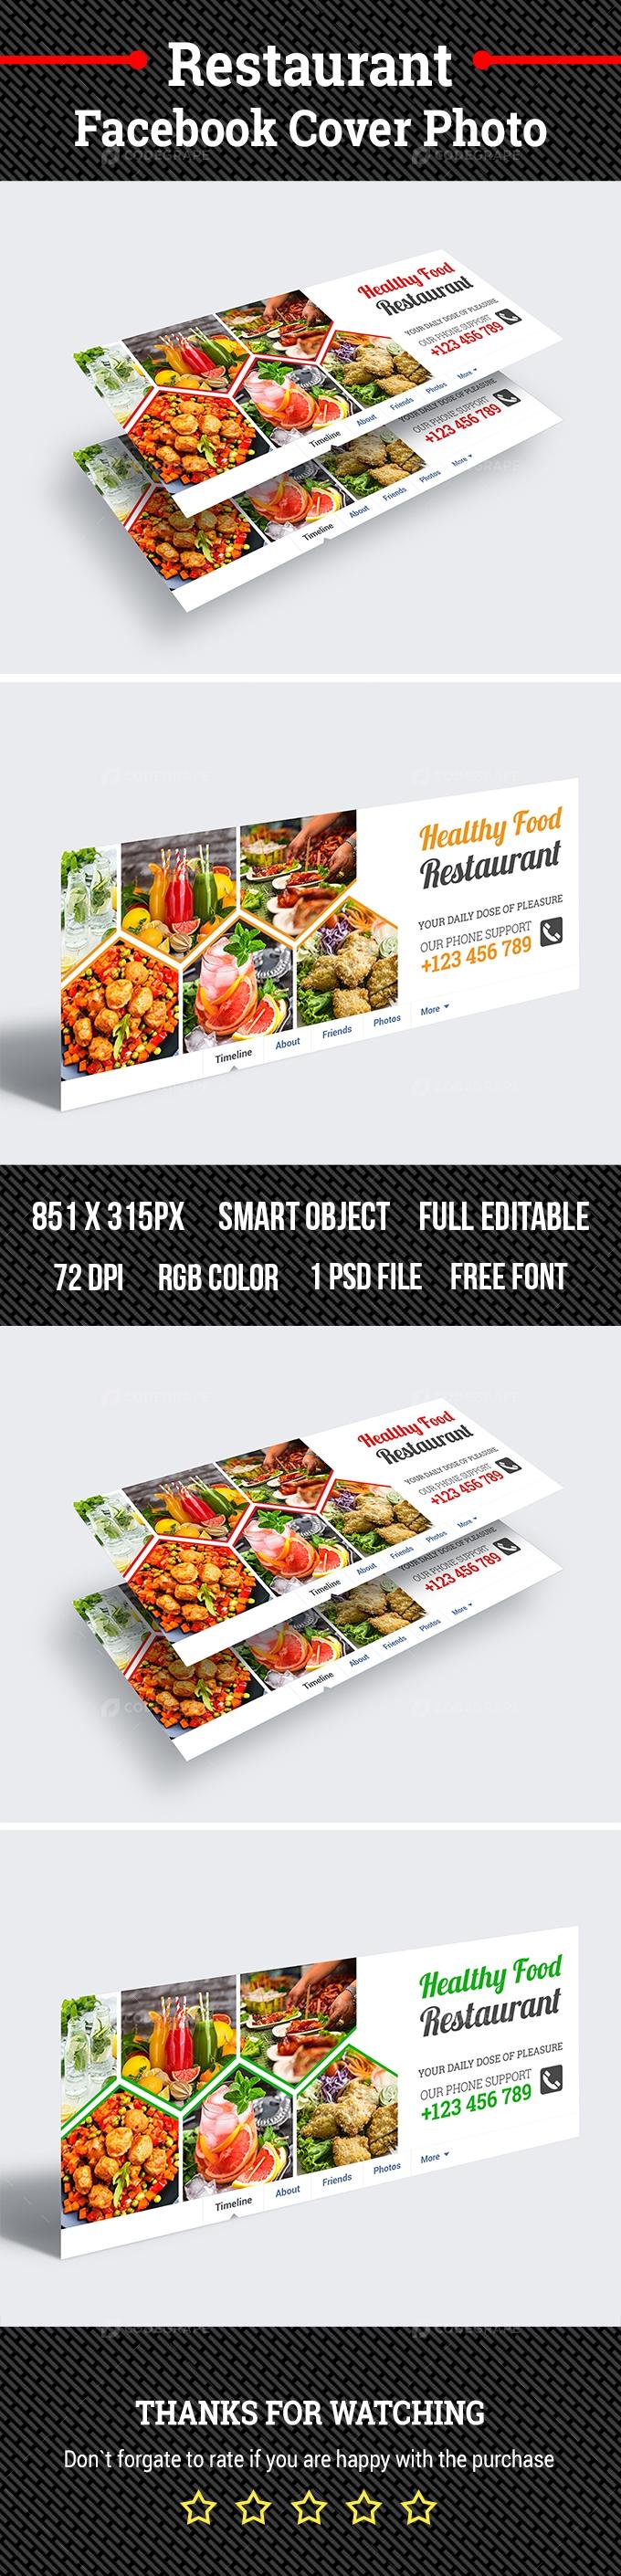 Restaurant Facebook Cover Photo